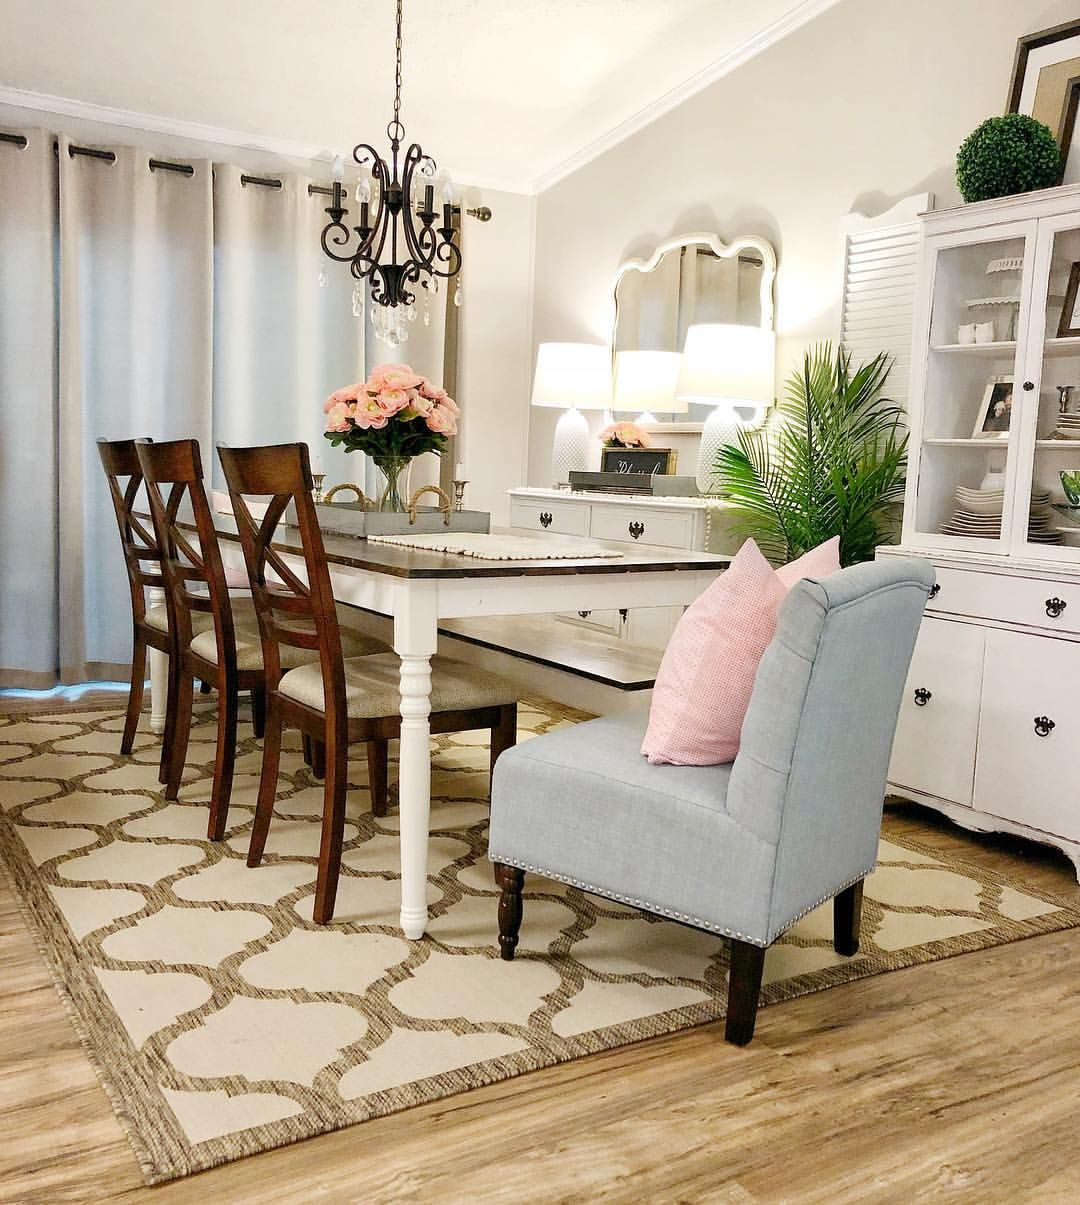 Cottage style dining room...farmhouse table wayfair rug